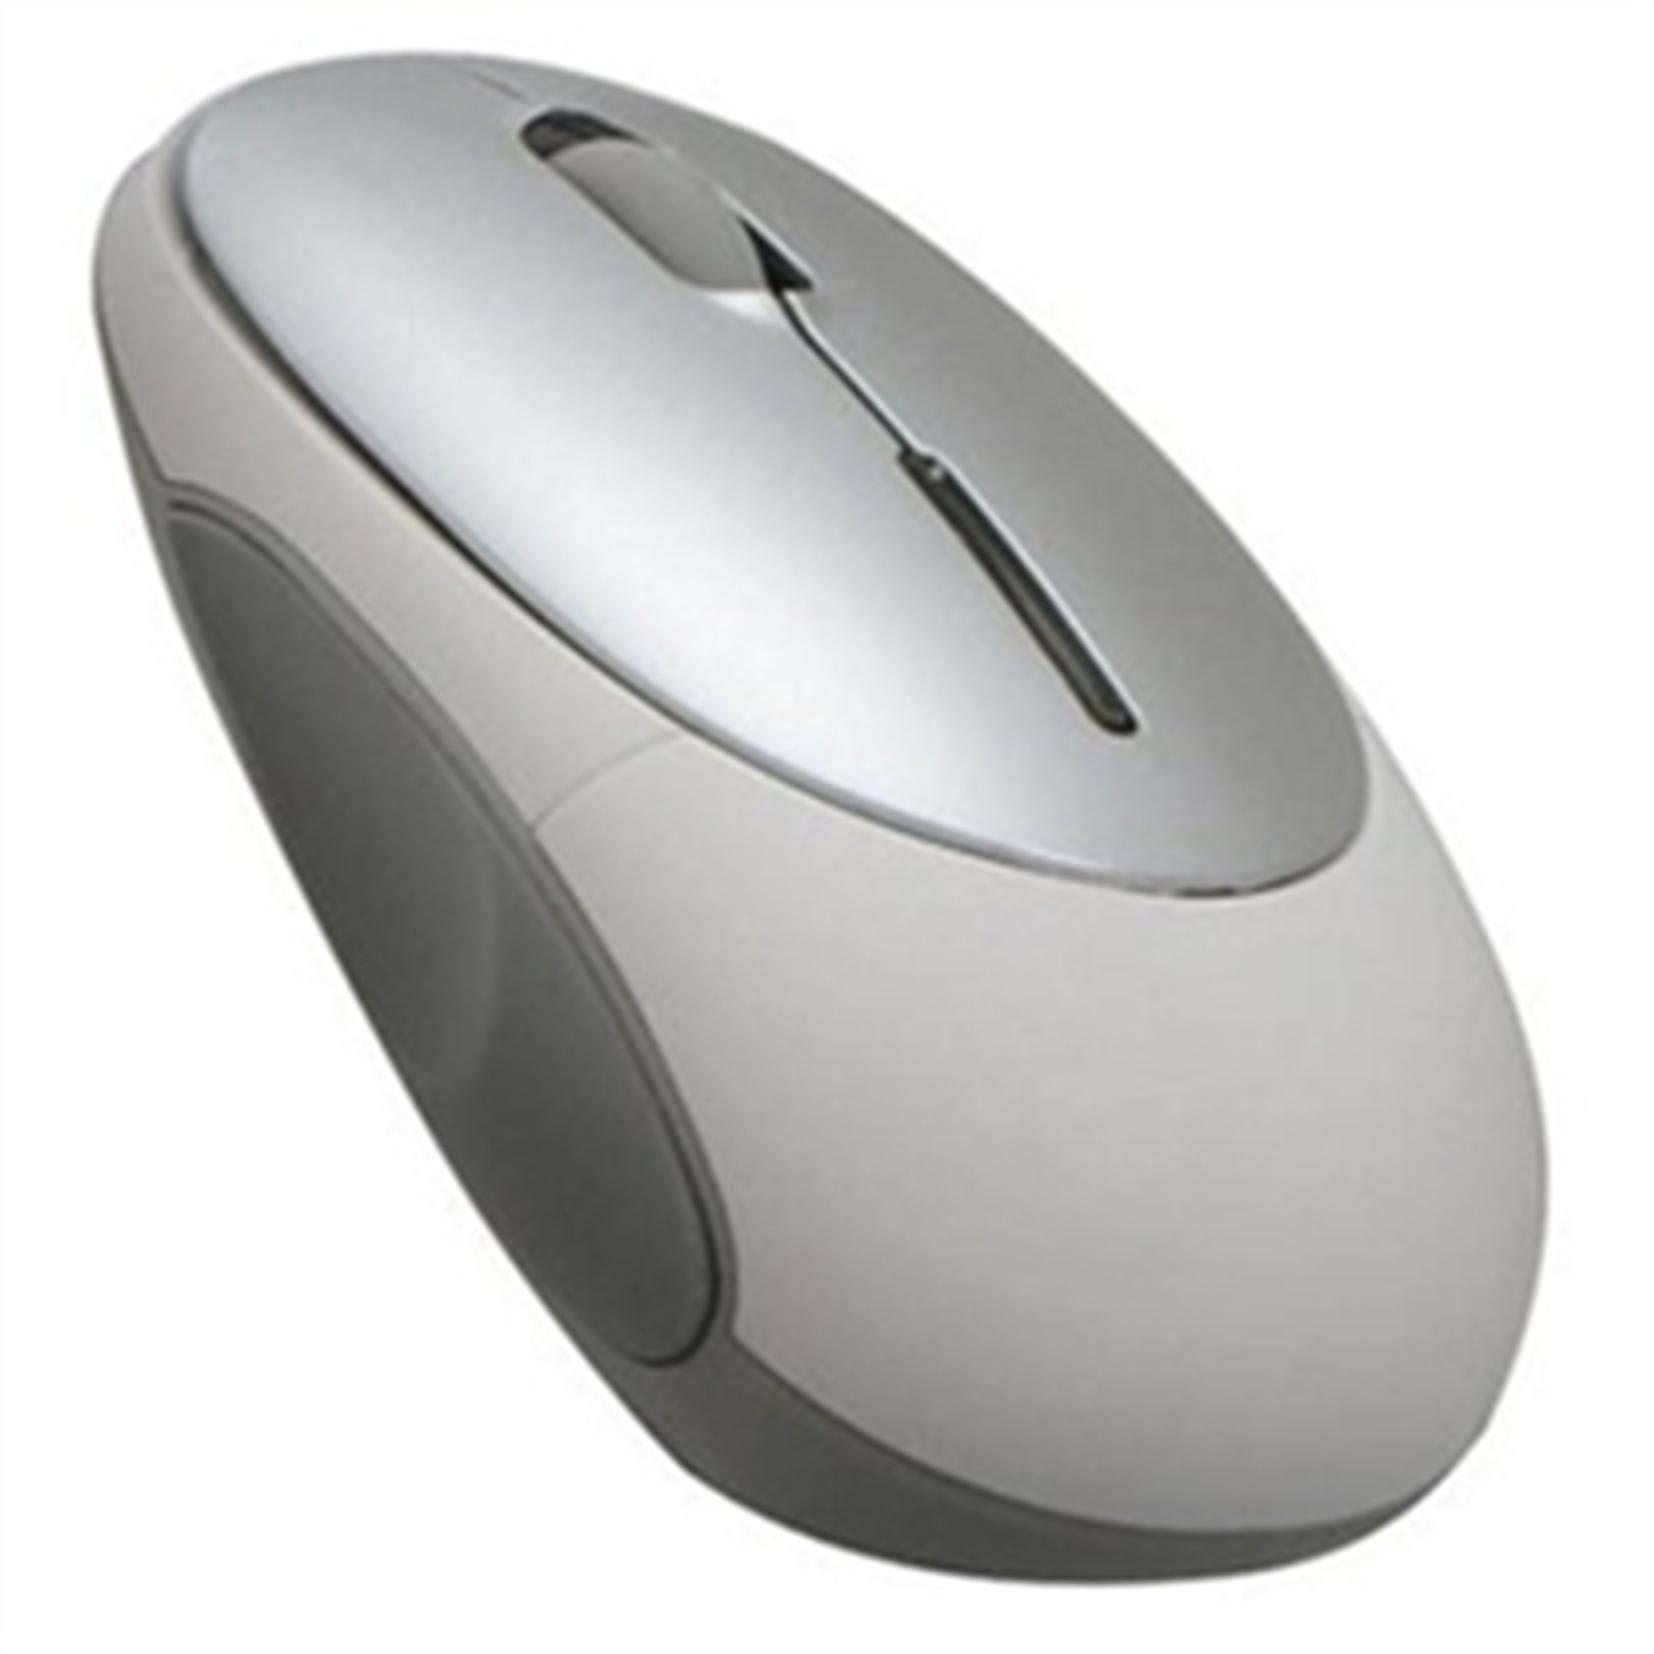 עכבר אלחוטי 3 לחצנים